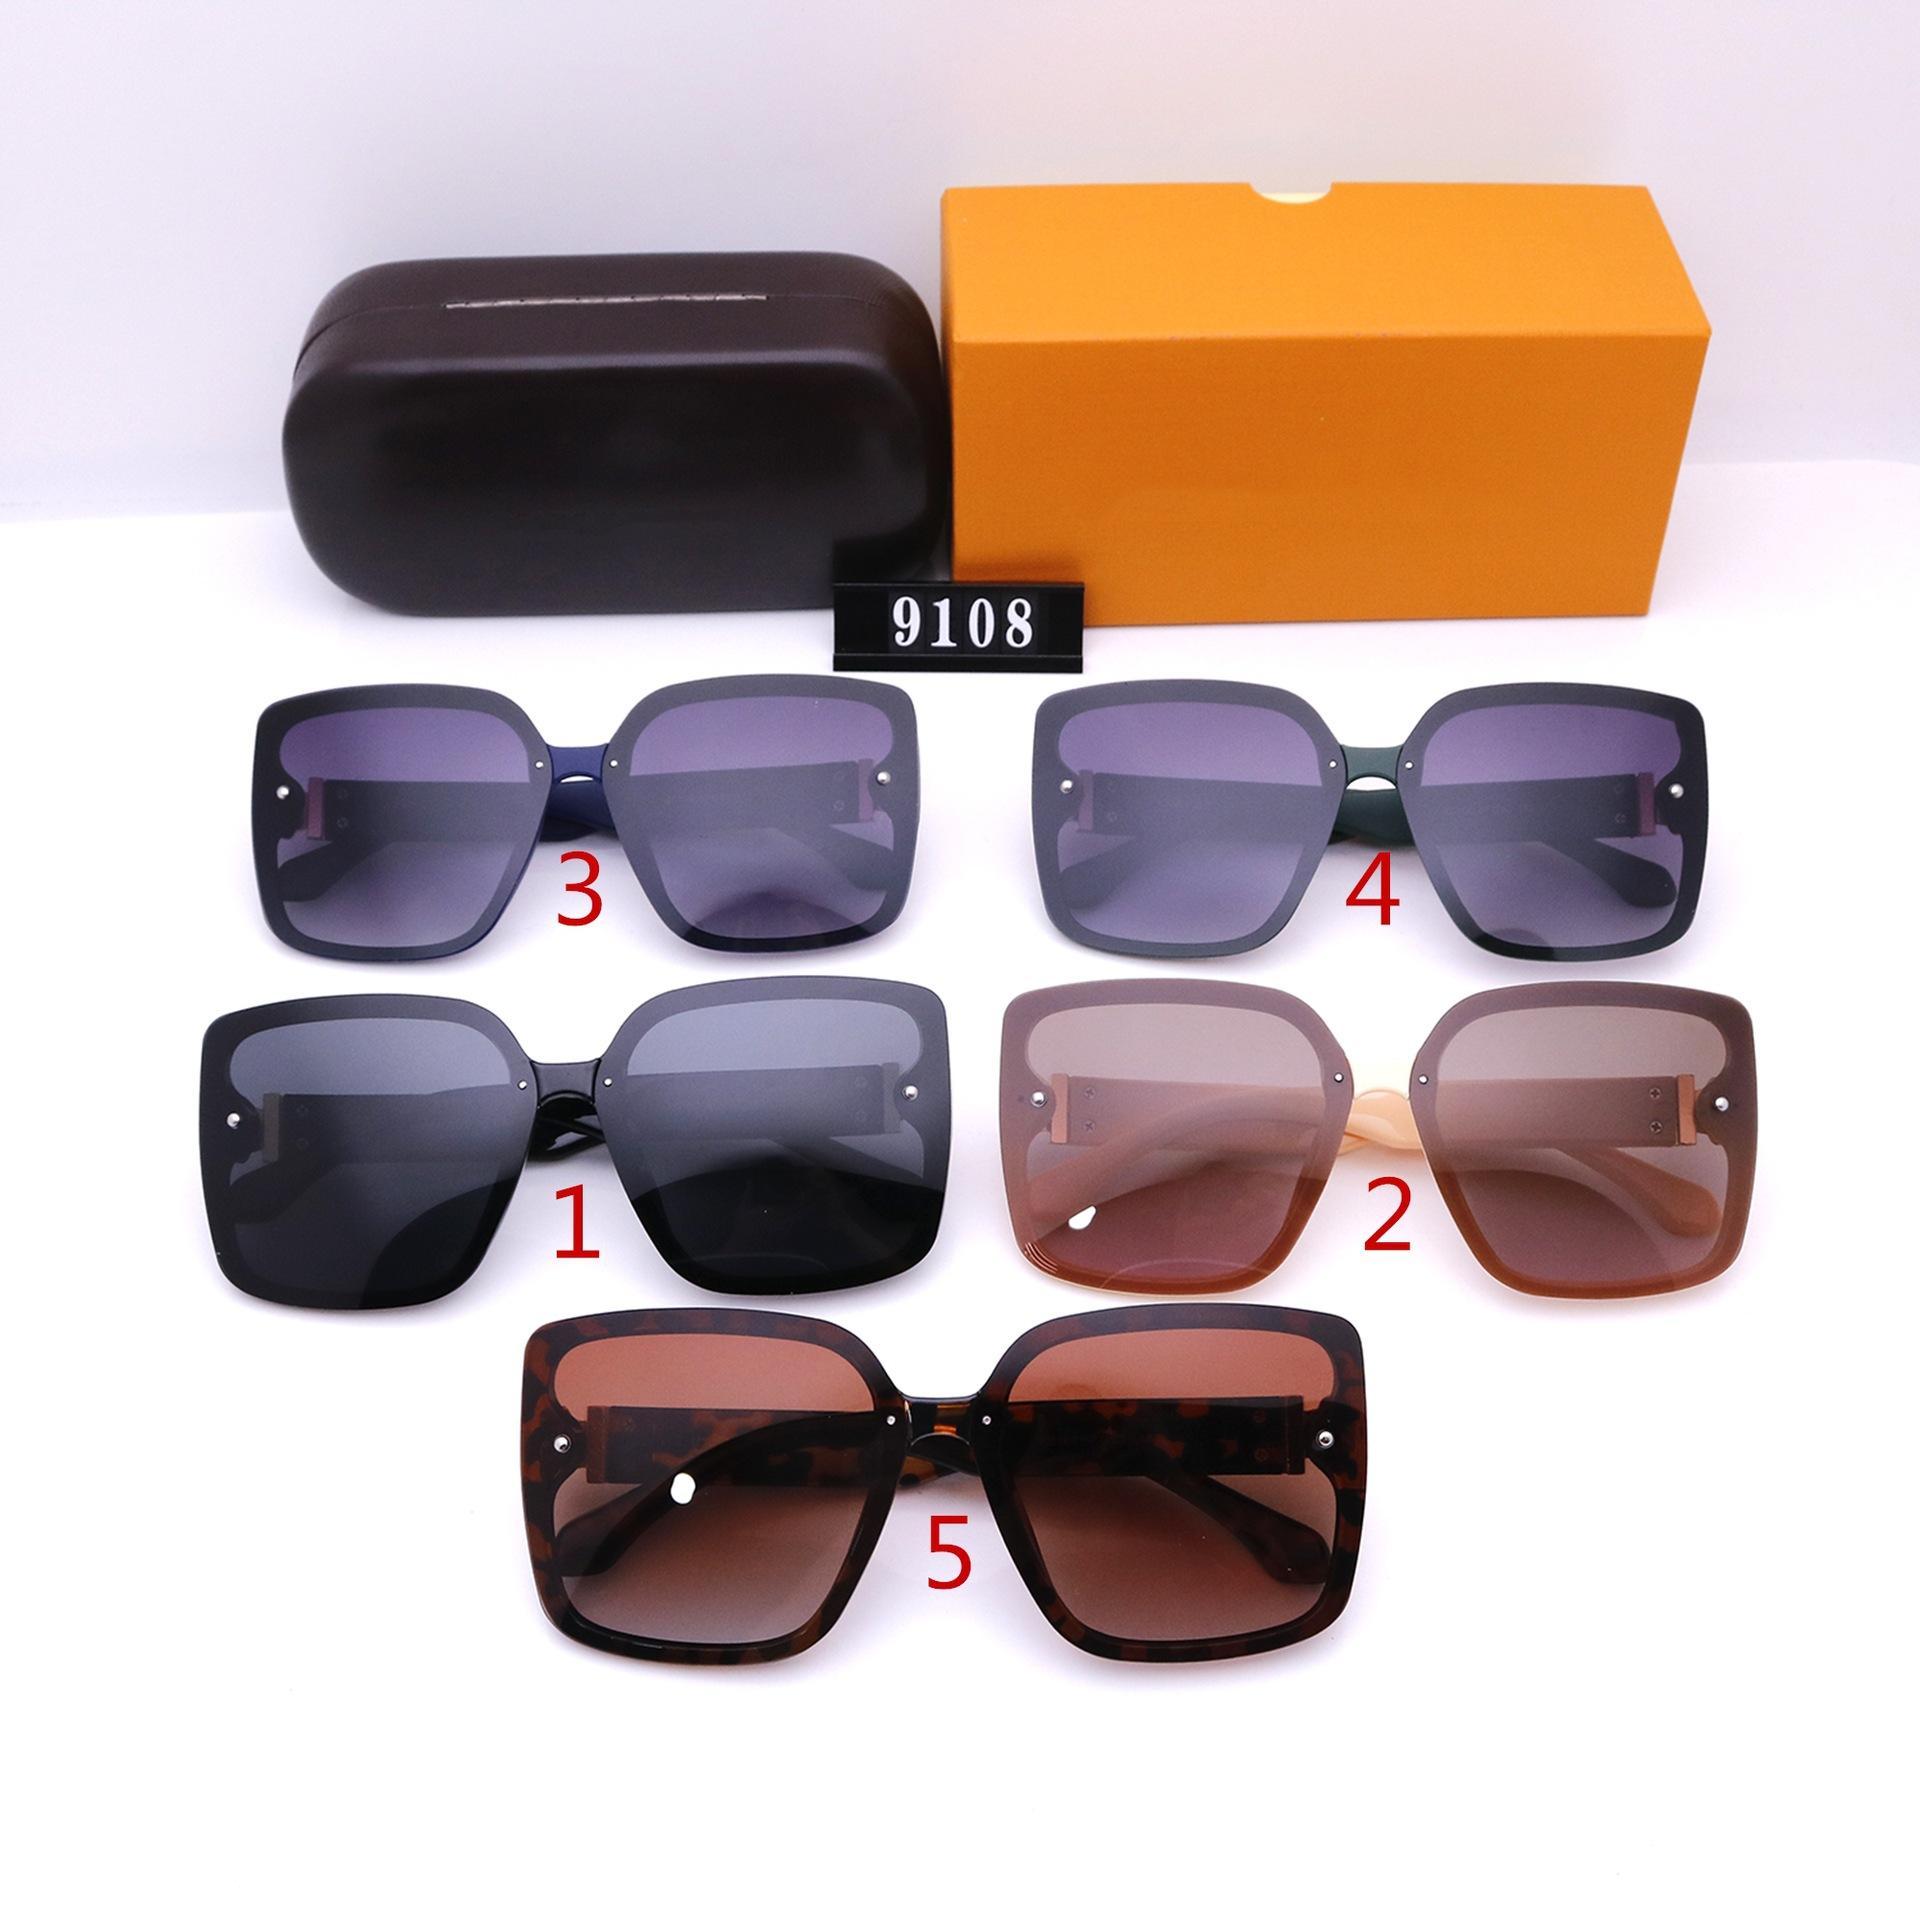 Erkekler ve Kadınlar için Moda Güneş Gözlüğü Tasarımcı Lüks Yüksek Kalite HD Polarize Lensler Sürüş Büyük Çerçeve Güneş Gözlükleri 9108